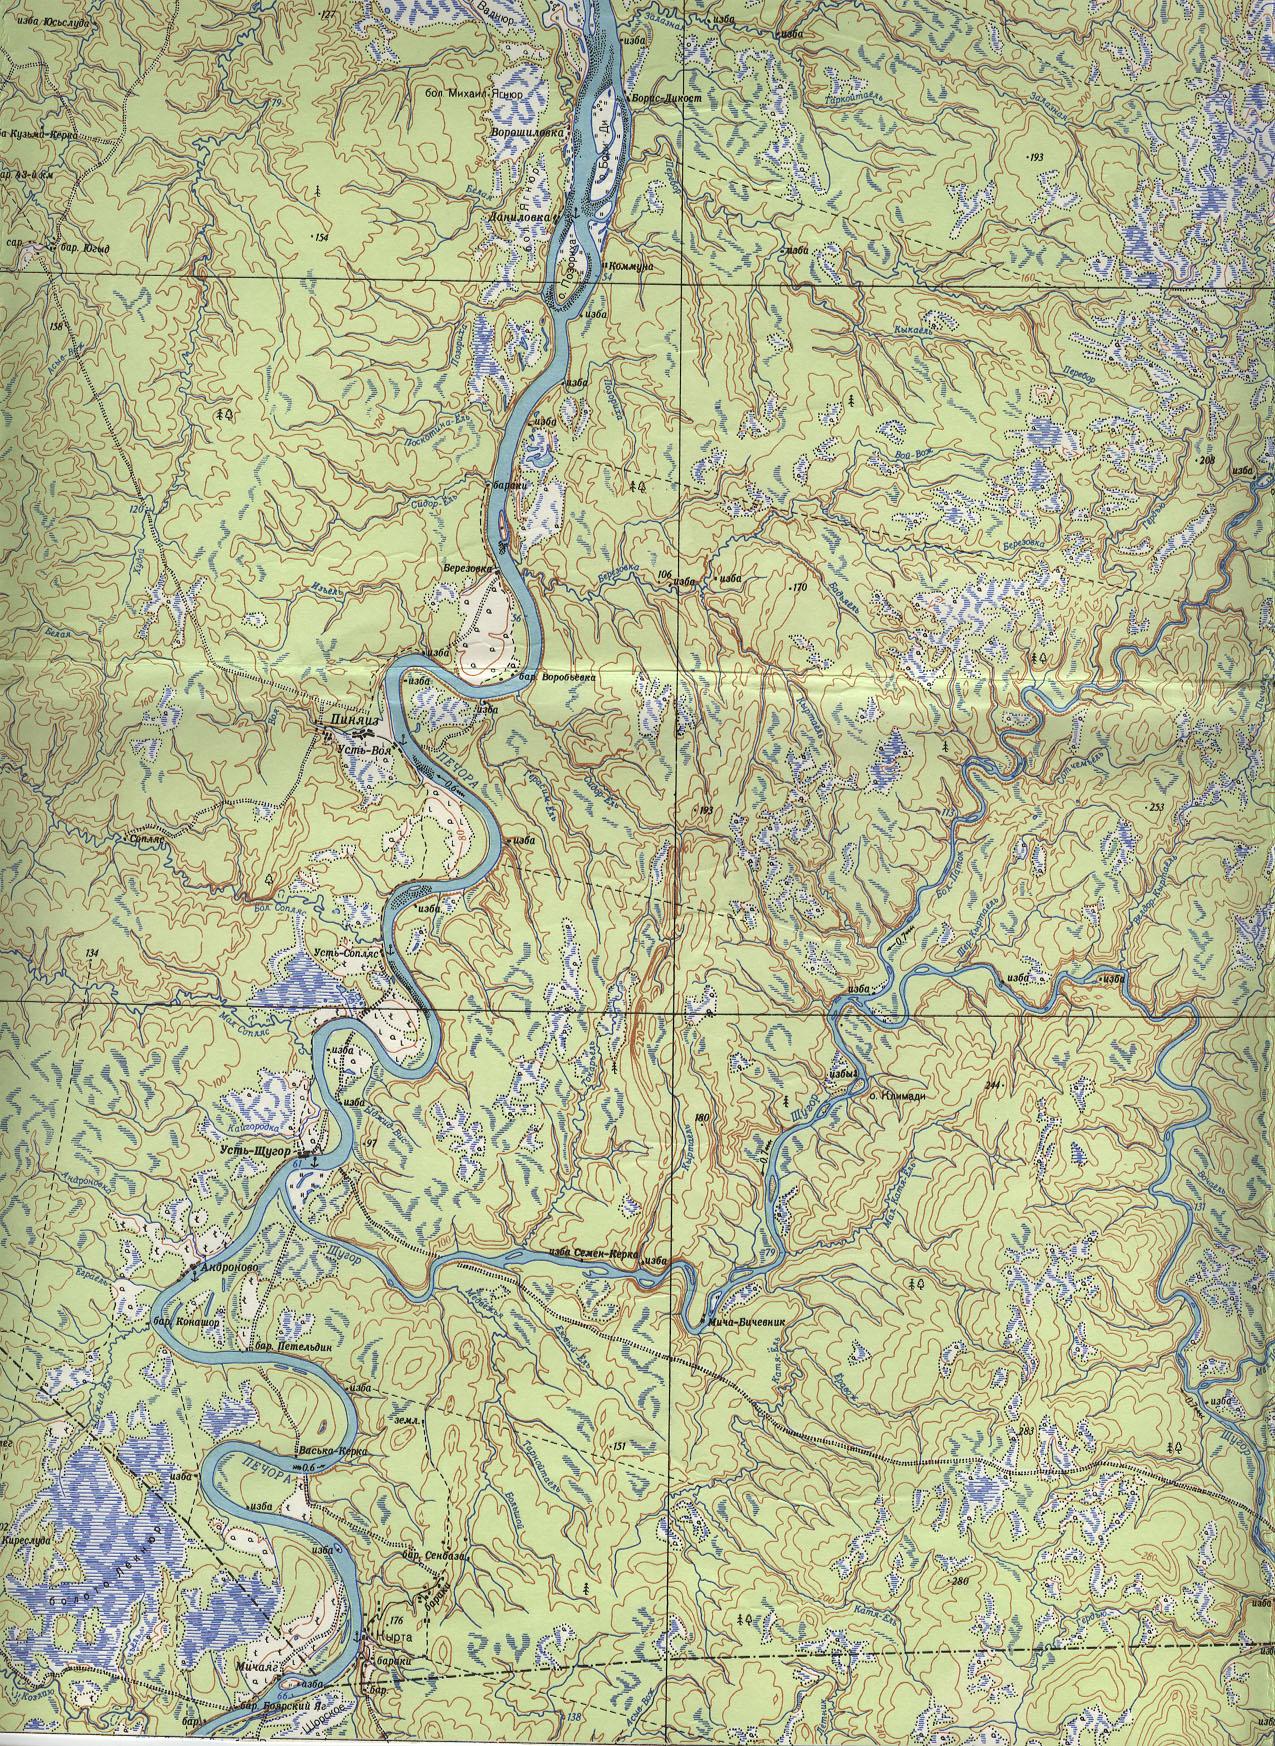 Куда течет река печора схема